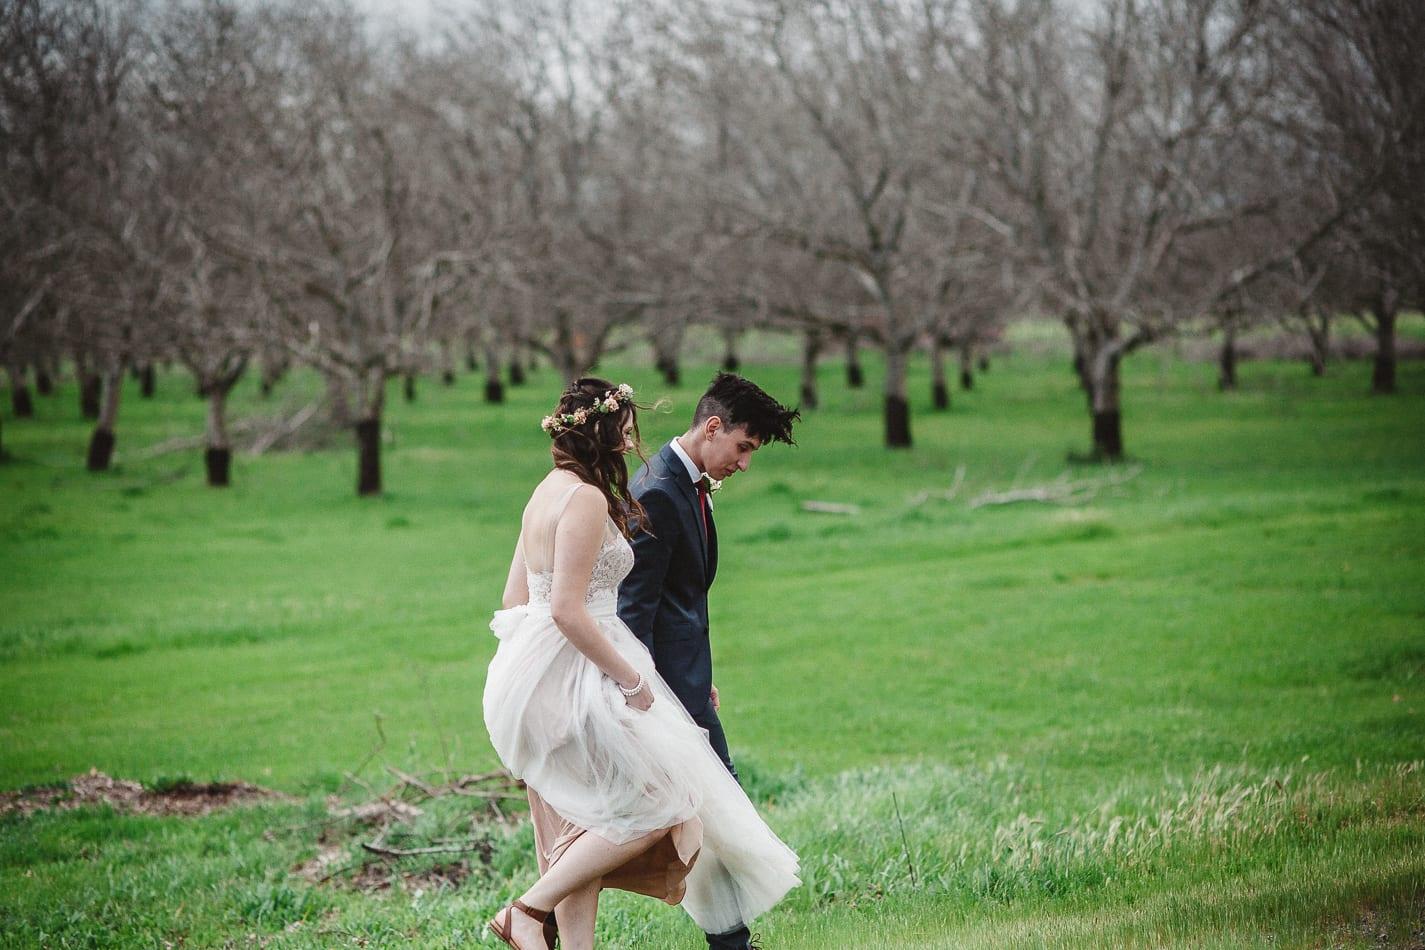 gover-ranch-redding-california-wedding-photographer-170